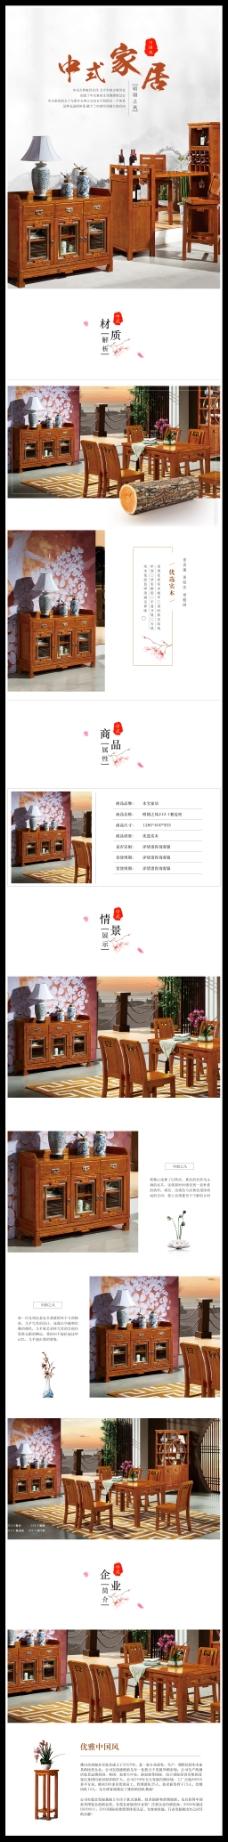 中式家具淘宝详情页模板